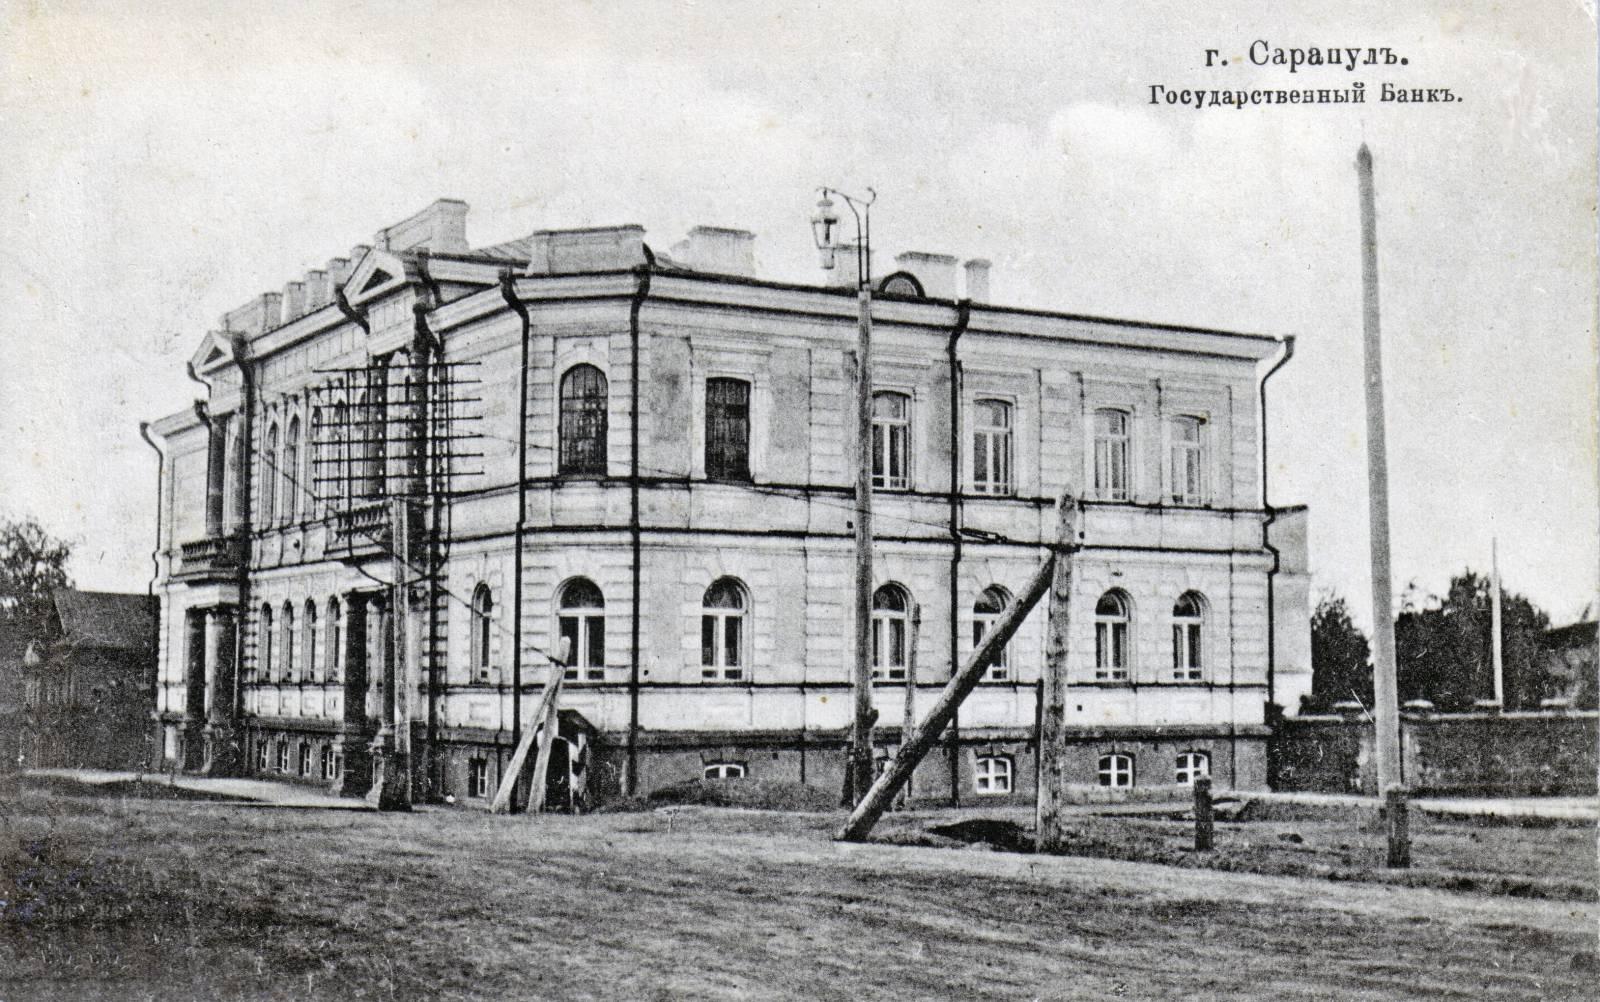 Сарапульское отделения Госбанка (2)